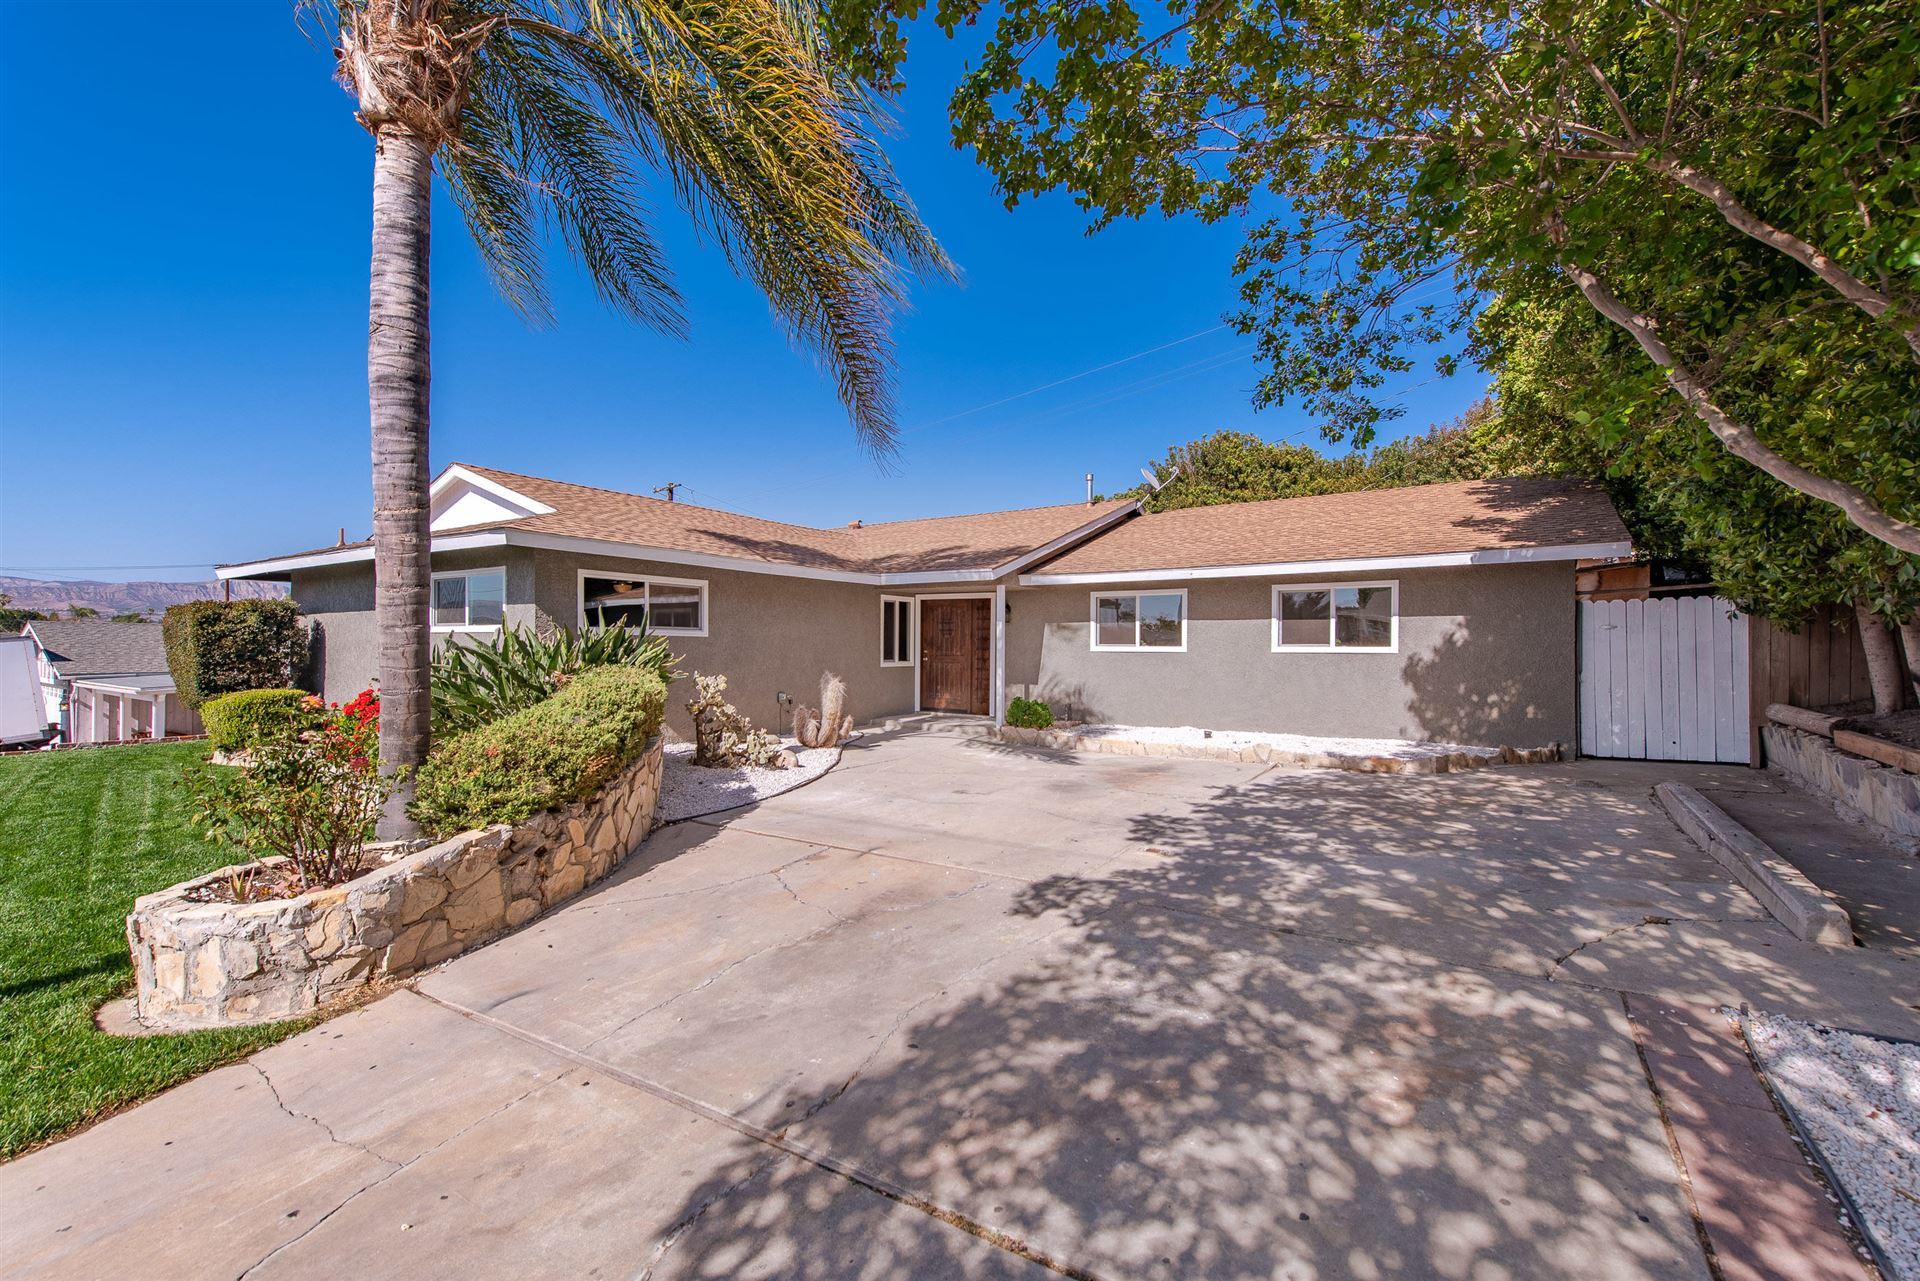 896 Moffatt Circle, Simi Valley, CA 93065 - MLS#: 221002222